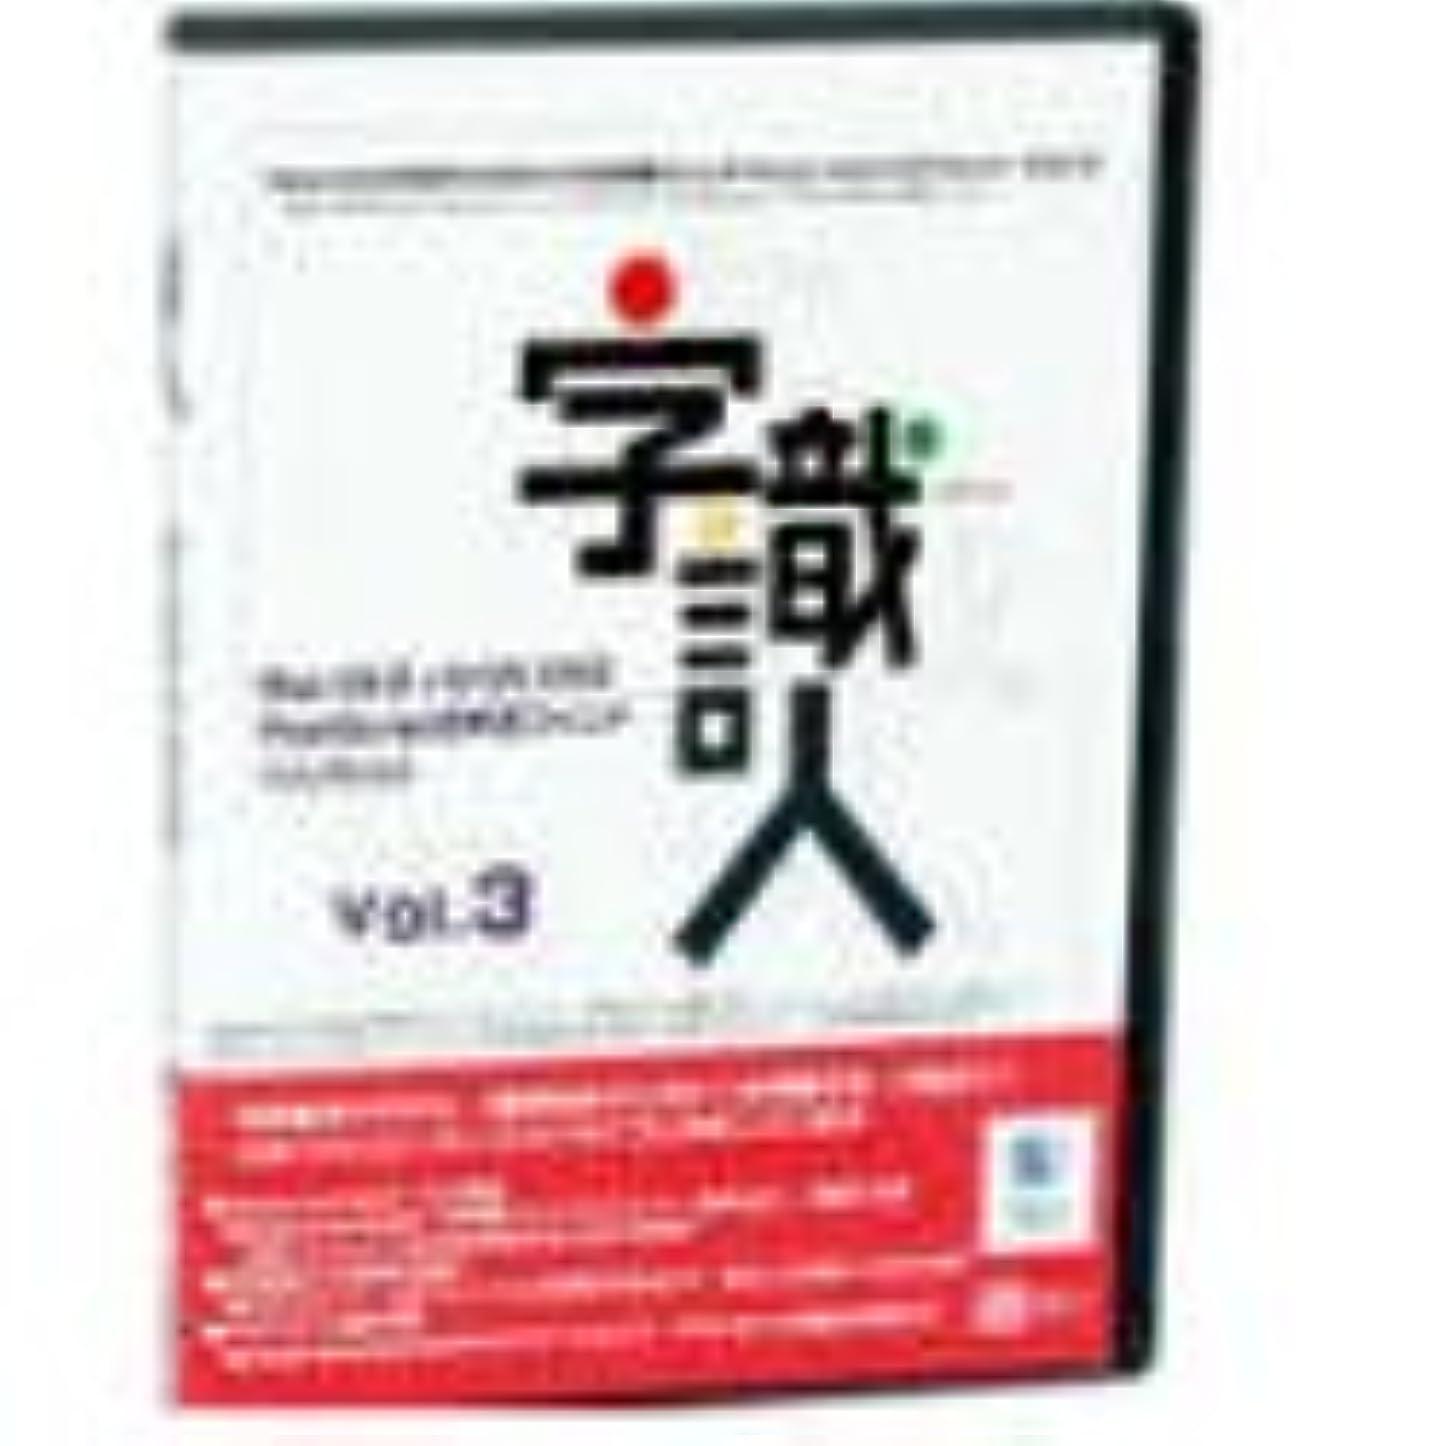 奇妙な内陸盆地Mac OS X対応「字識人」Vol.3(一書体選択版)